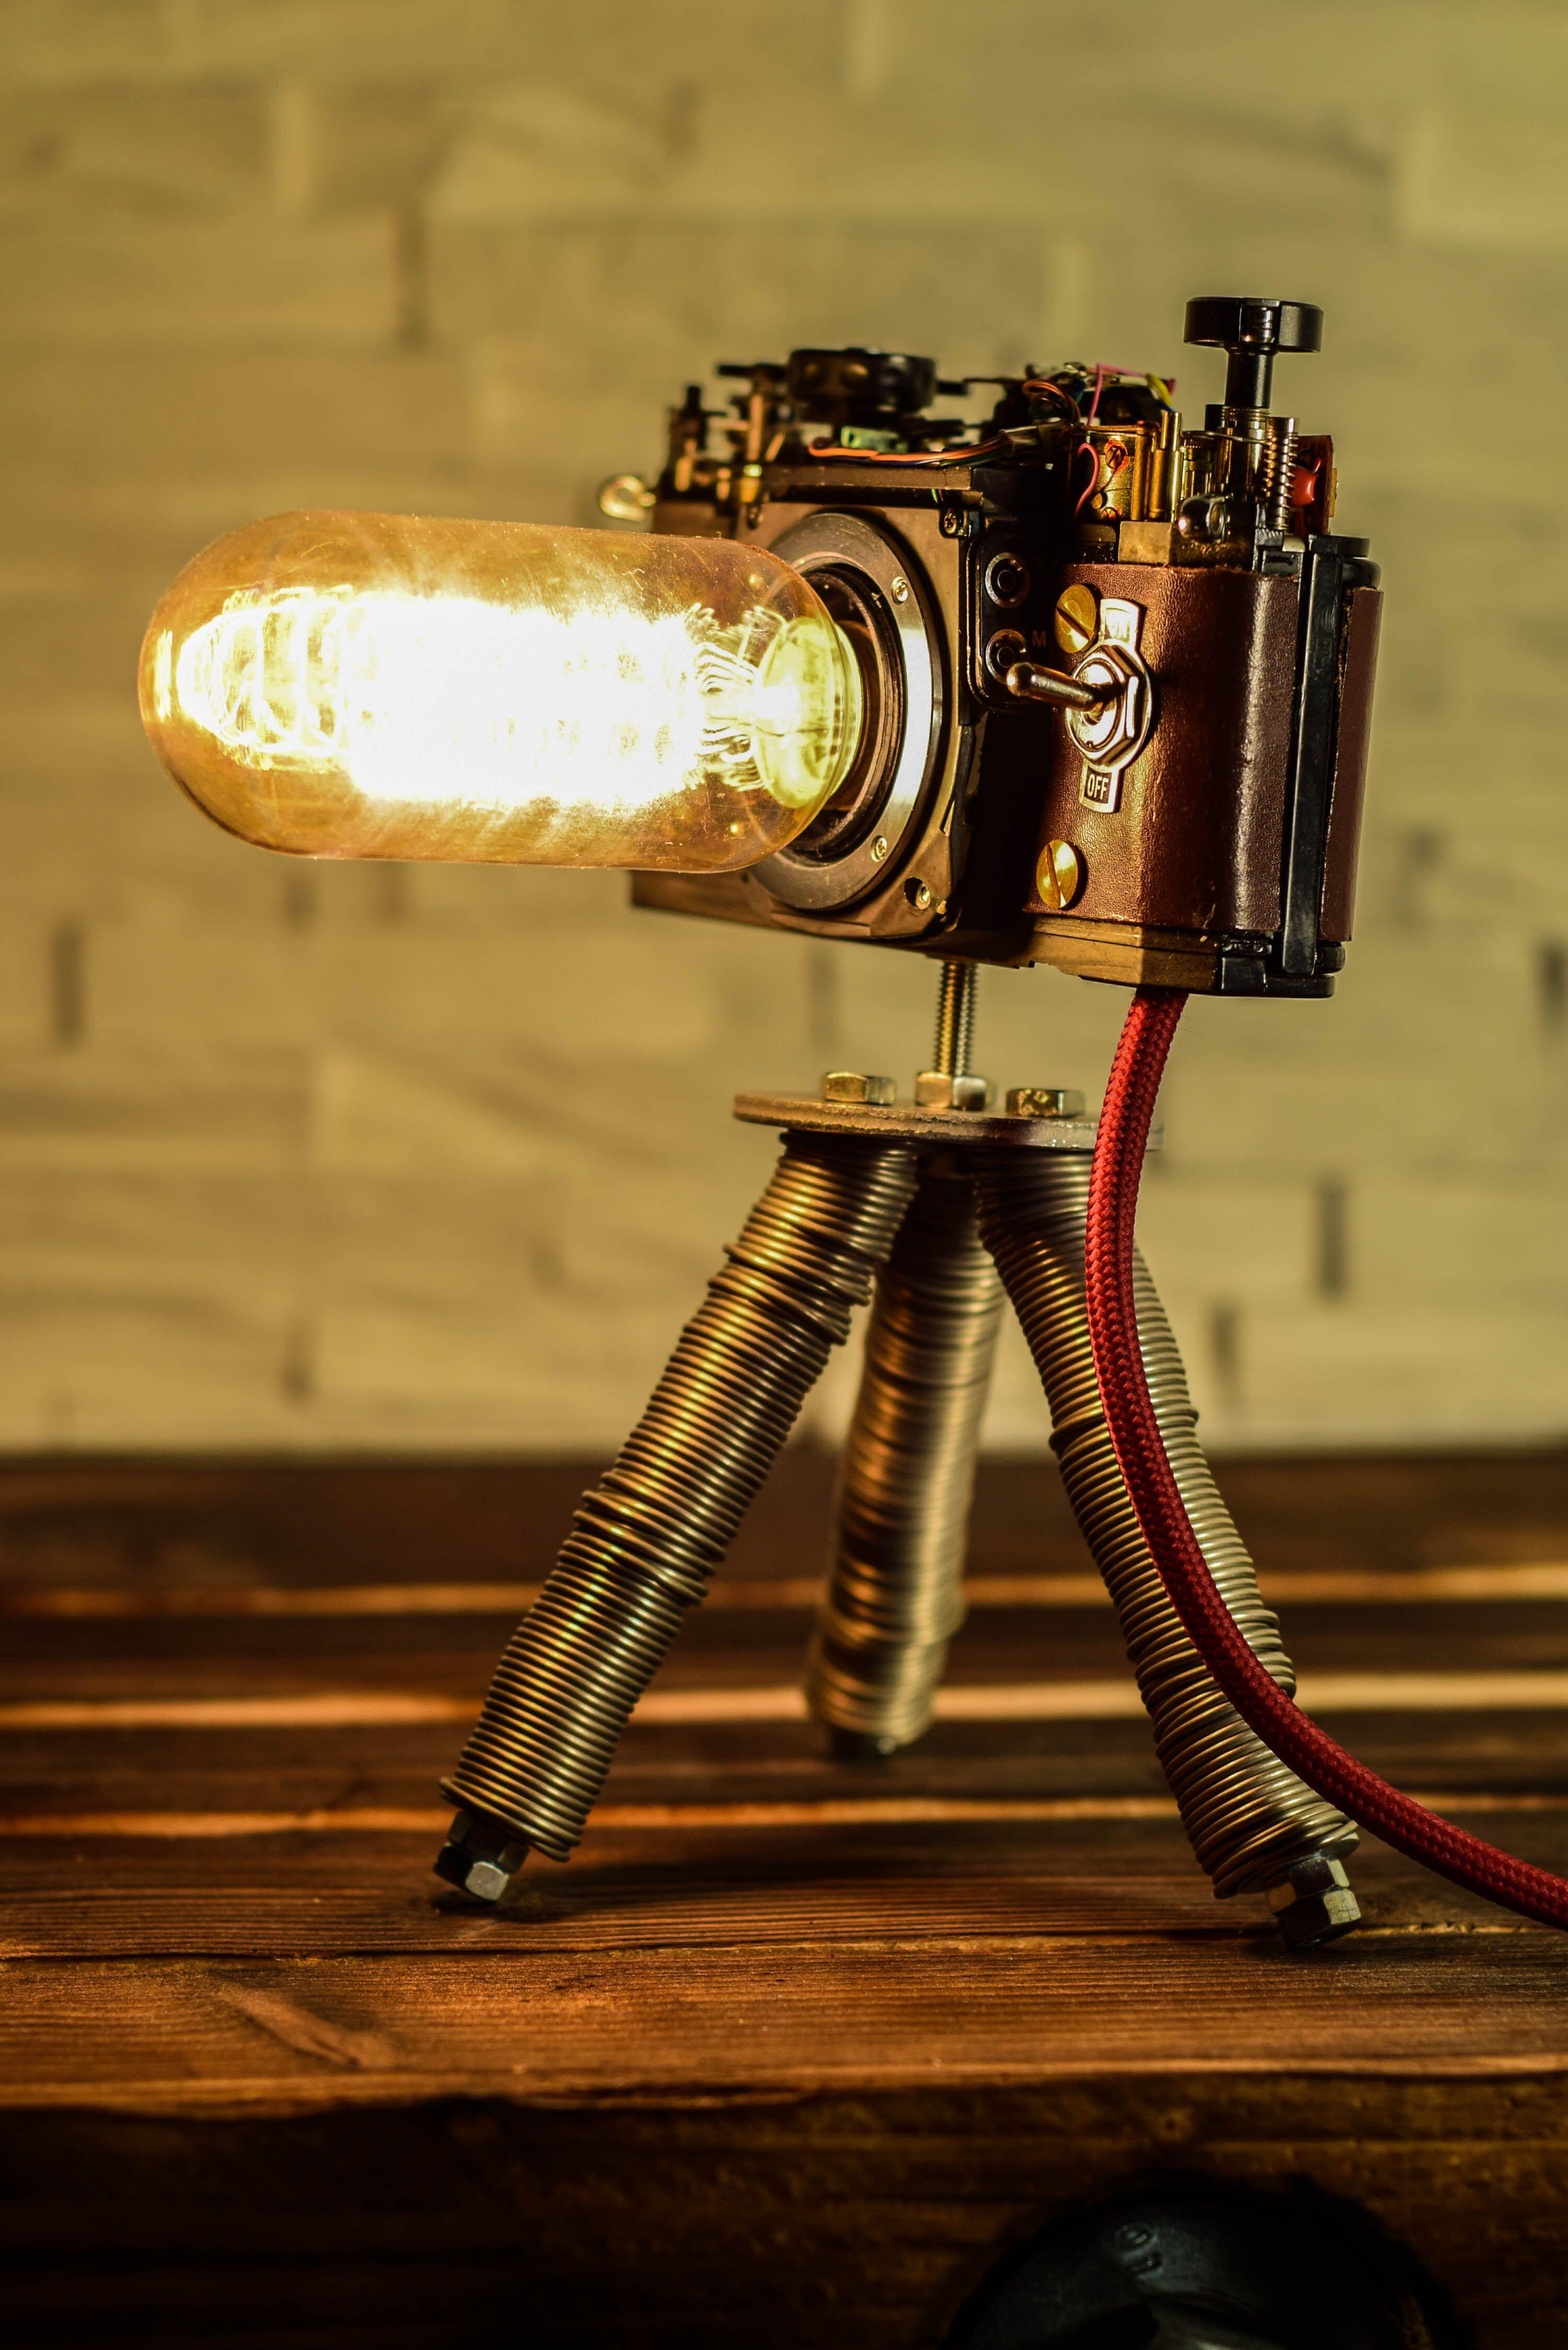 LAMPE APPAREIL PHOTO – Steampunk Celles-ci et d'autres lampes d'appareil photo que j'ai avec amour …